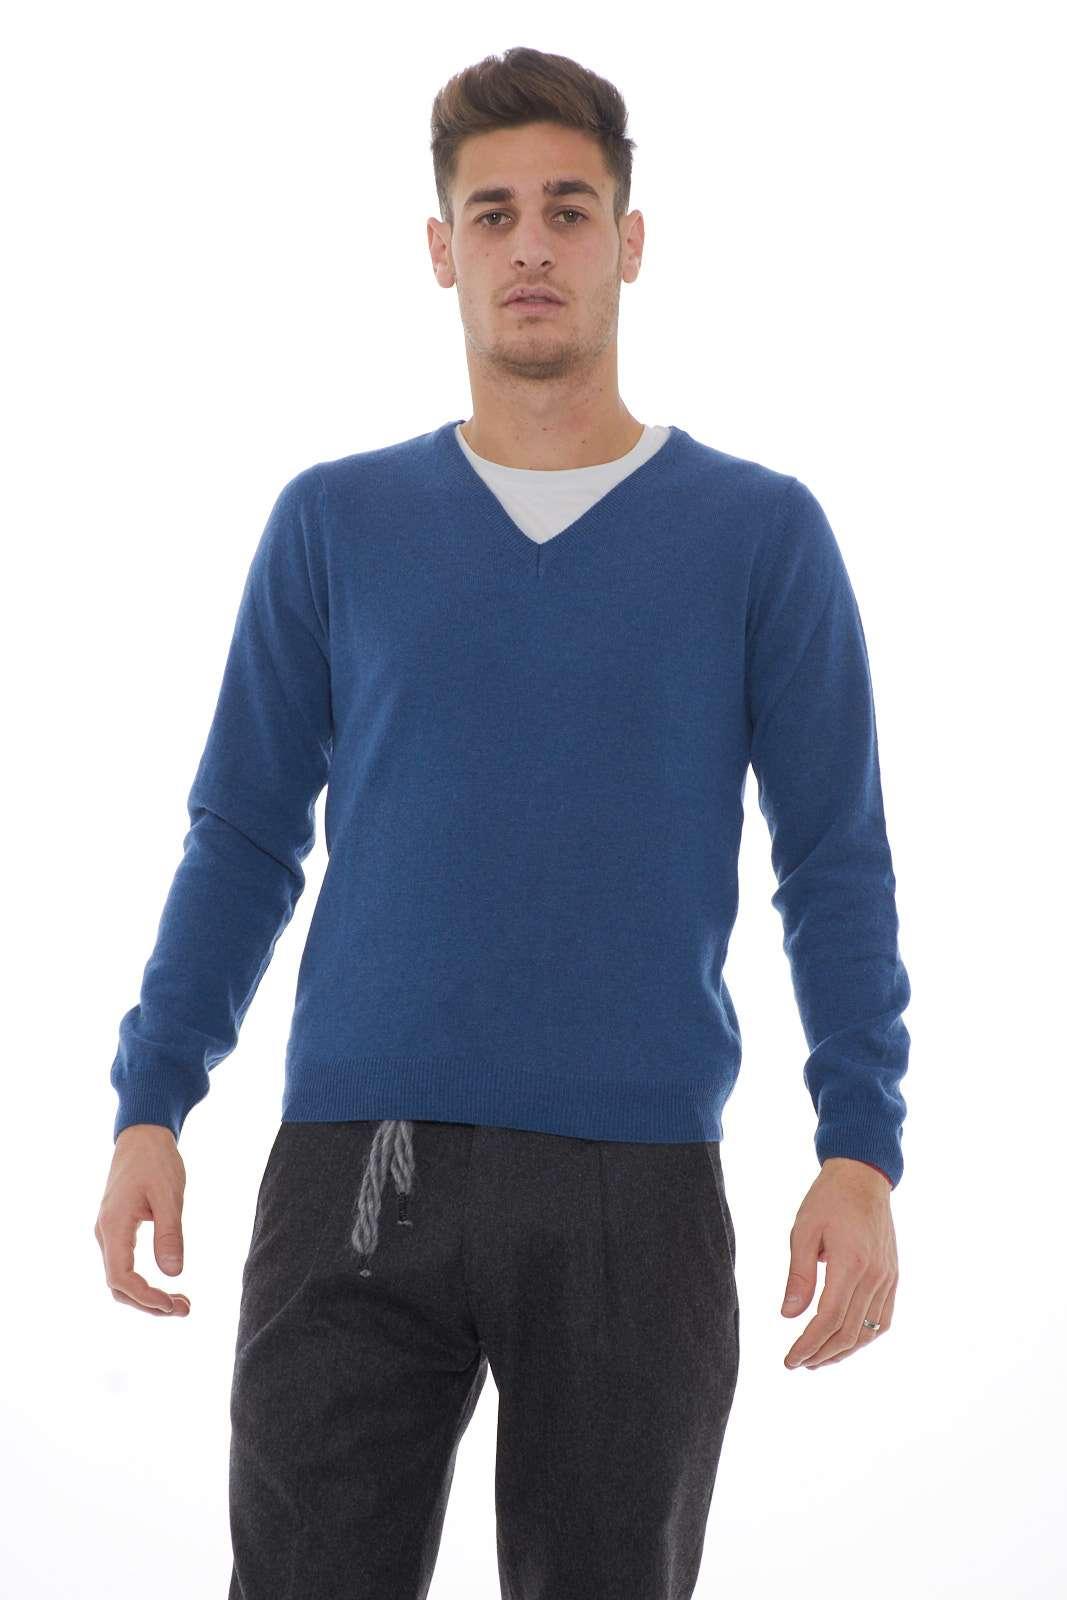 Per chi ama lo stile unito alla semplicità. Il classico maglioncino con scollo a V, perfetto da abbinare ad una camicia per le occasioni più importanti o ad una t-shirt per un look più casual.